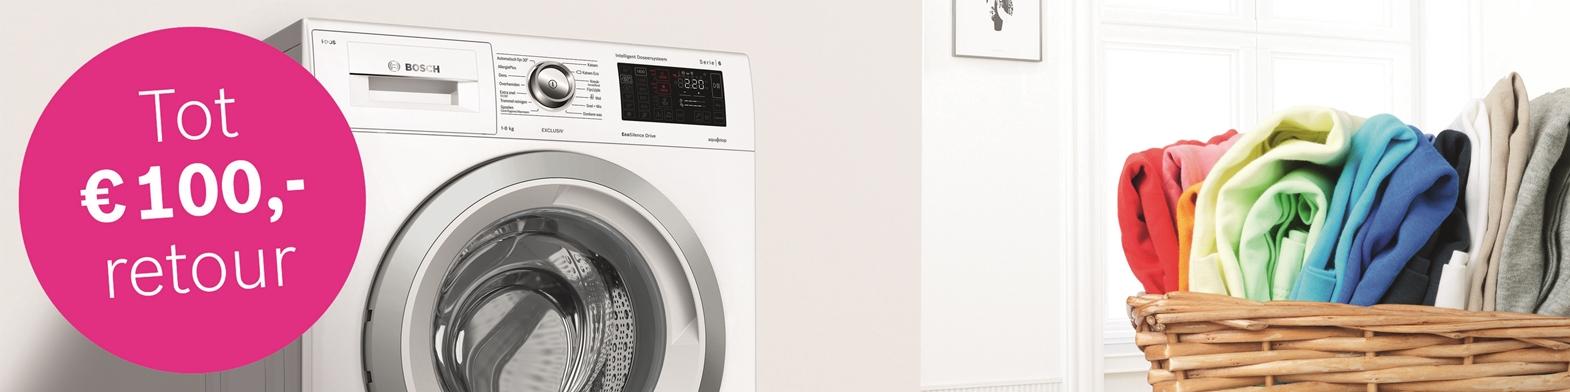 Bosch i-DOS Wasmachine tot 100,- euro retour